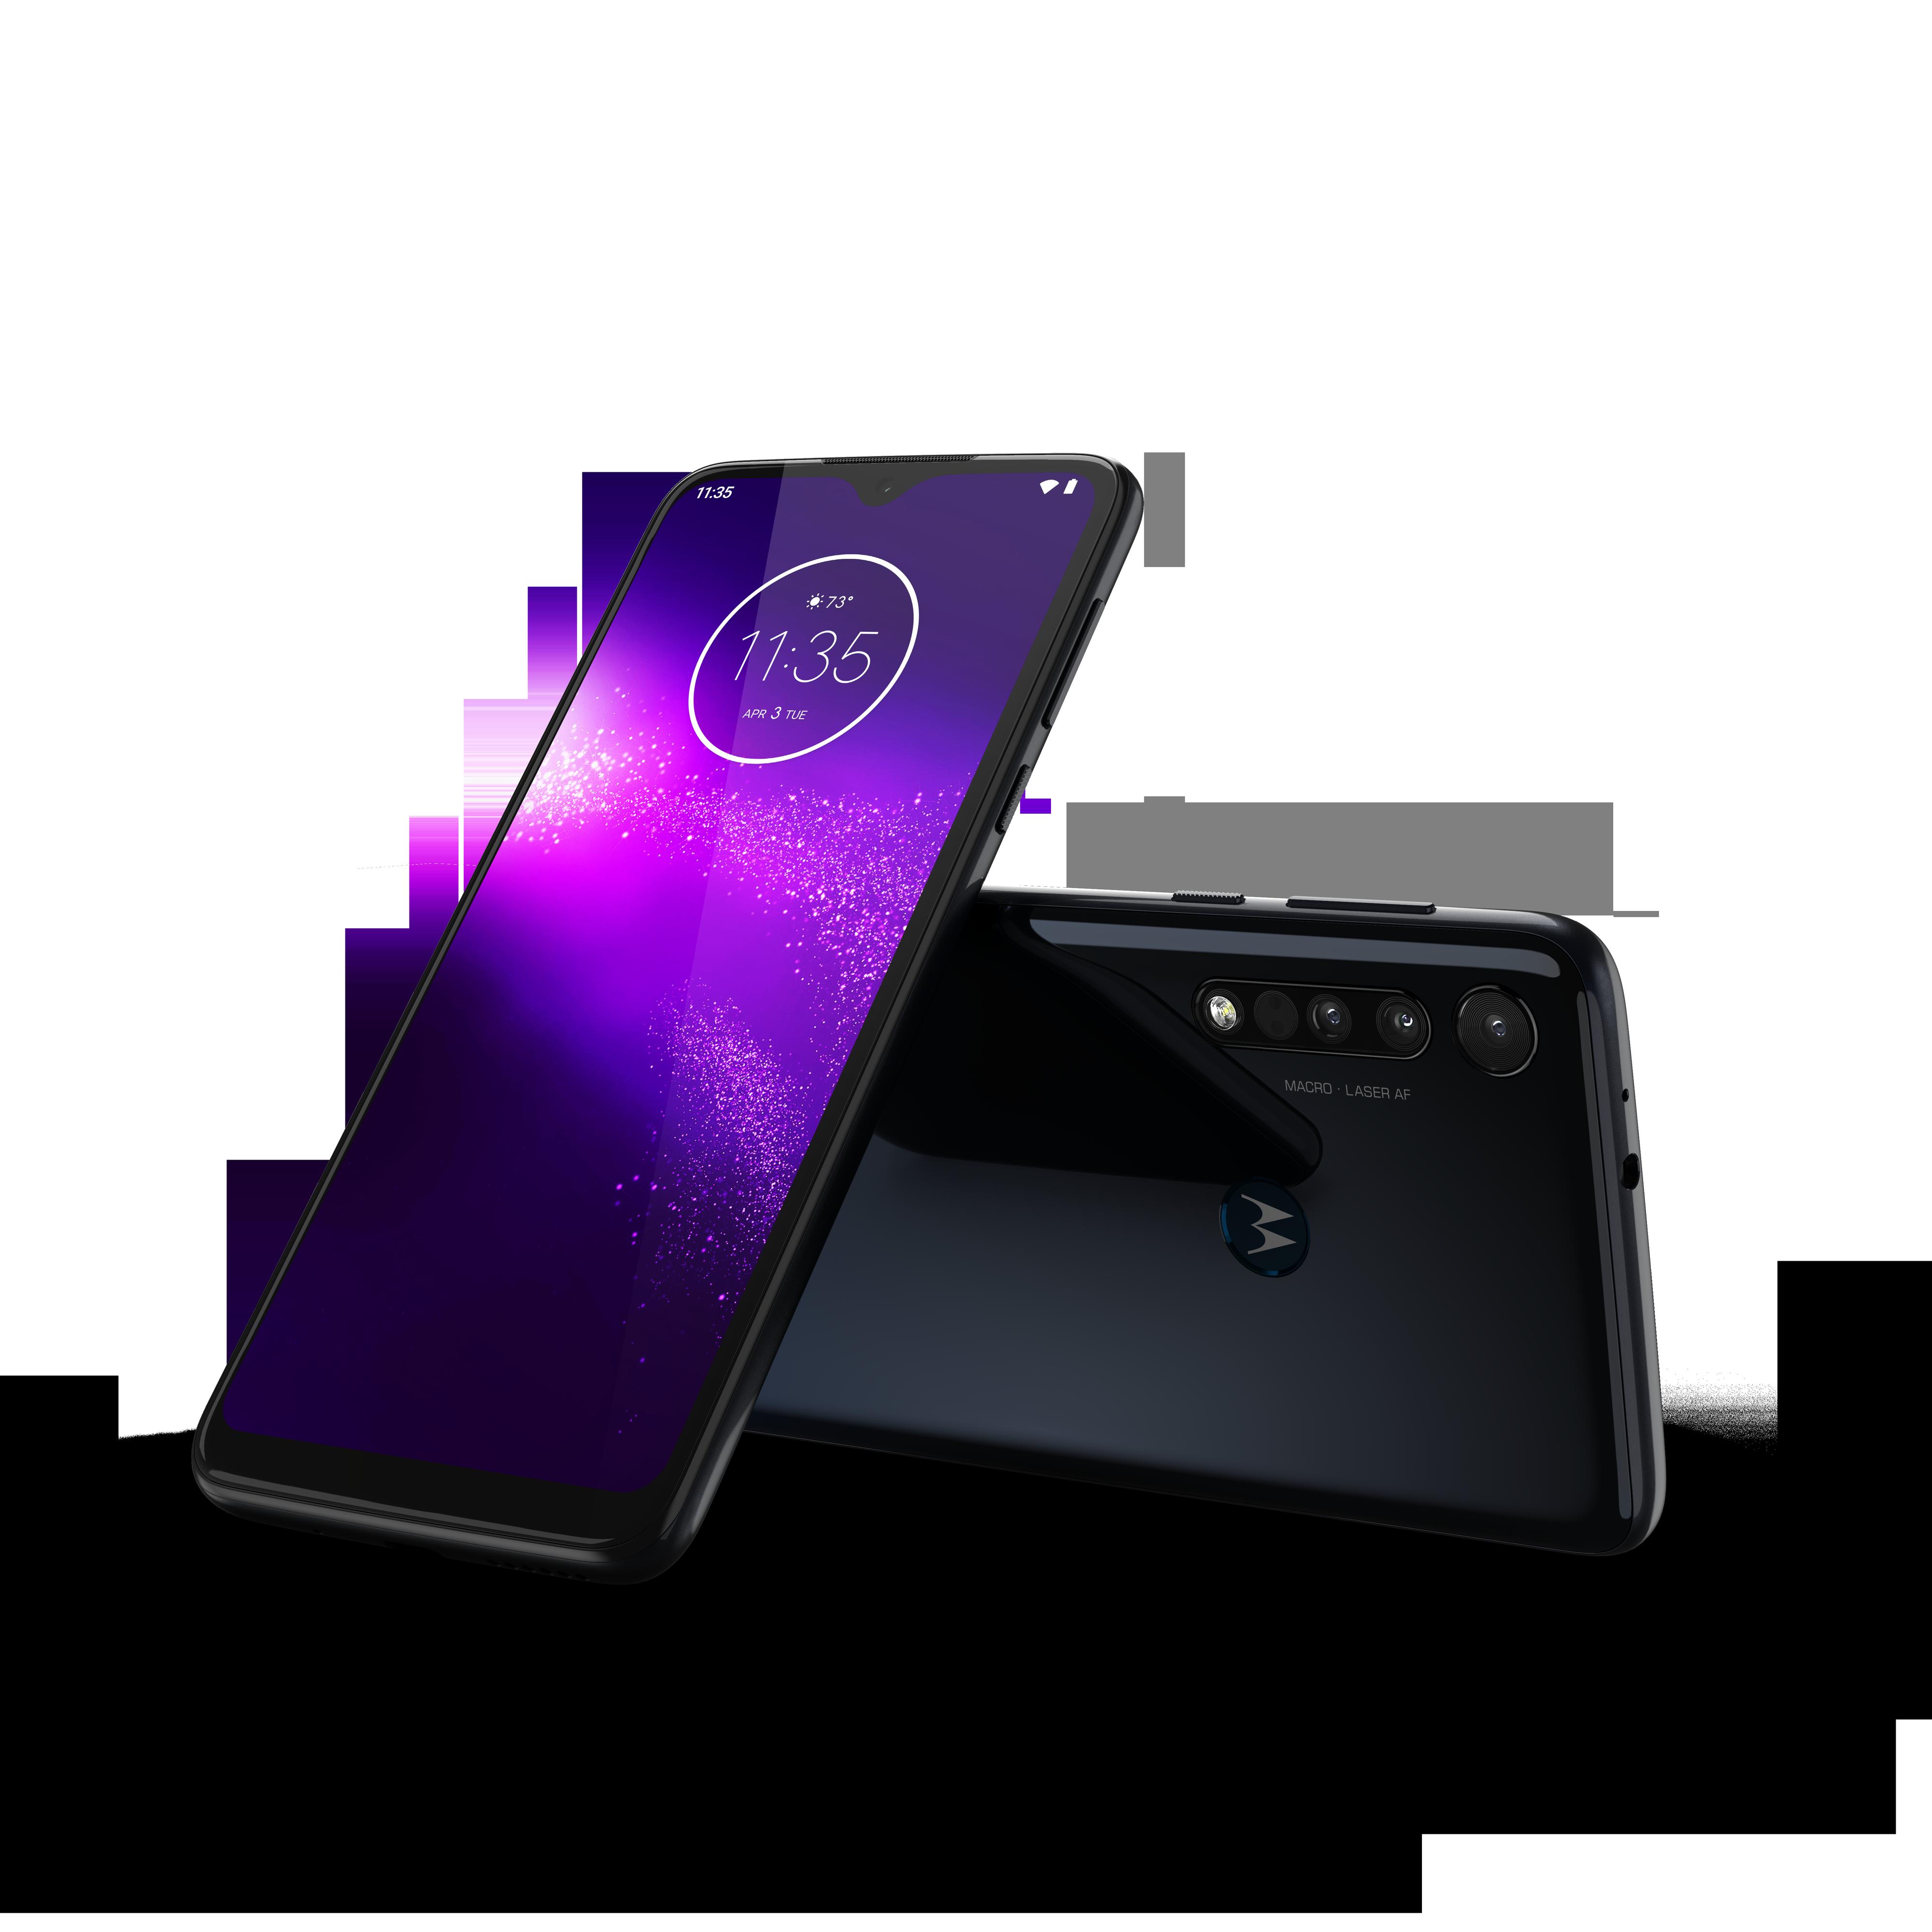 Motorola One Macro skal være ekstra godt egnet til å ta bilder av ting heeeeelt på nært hold.